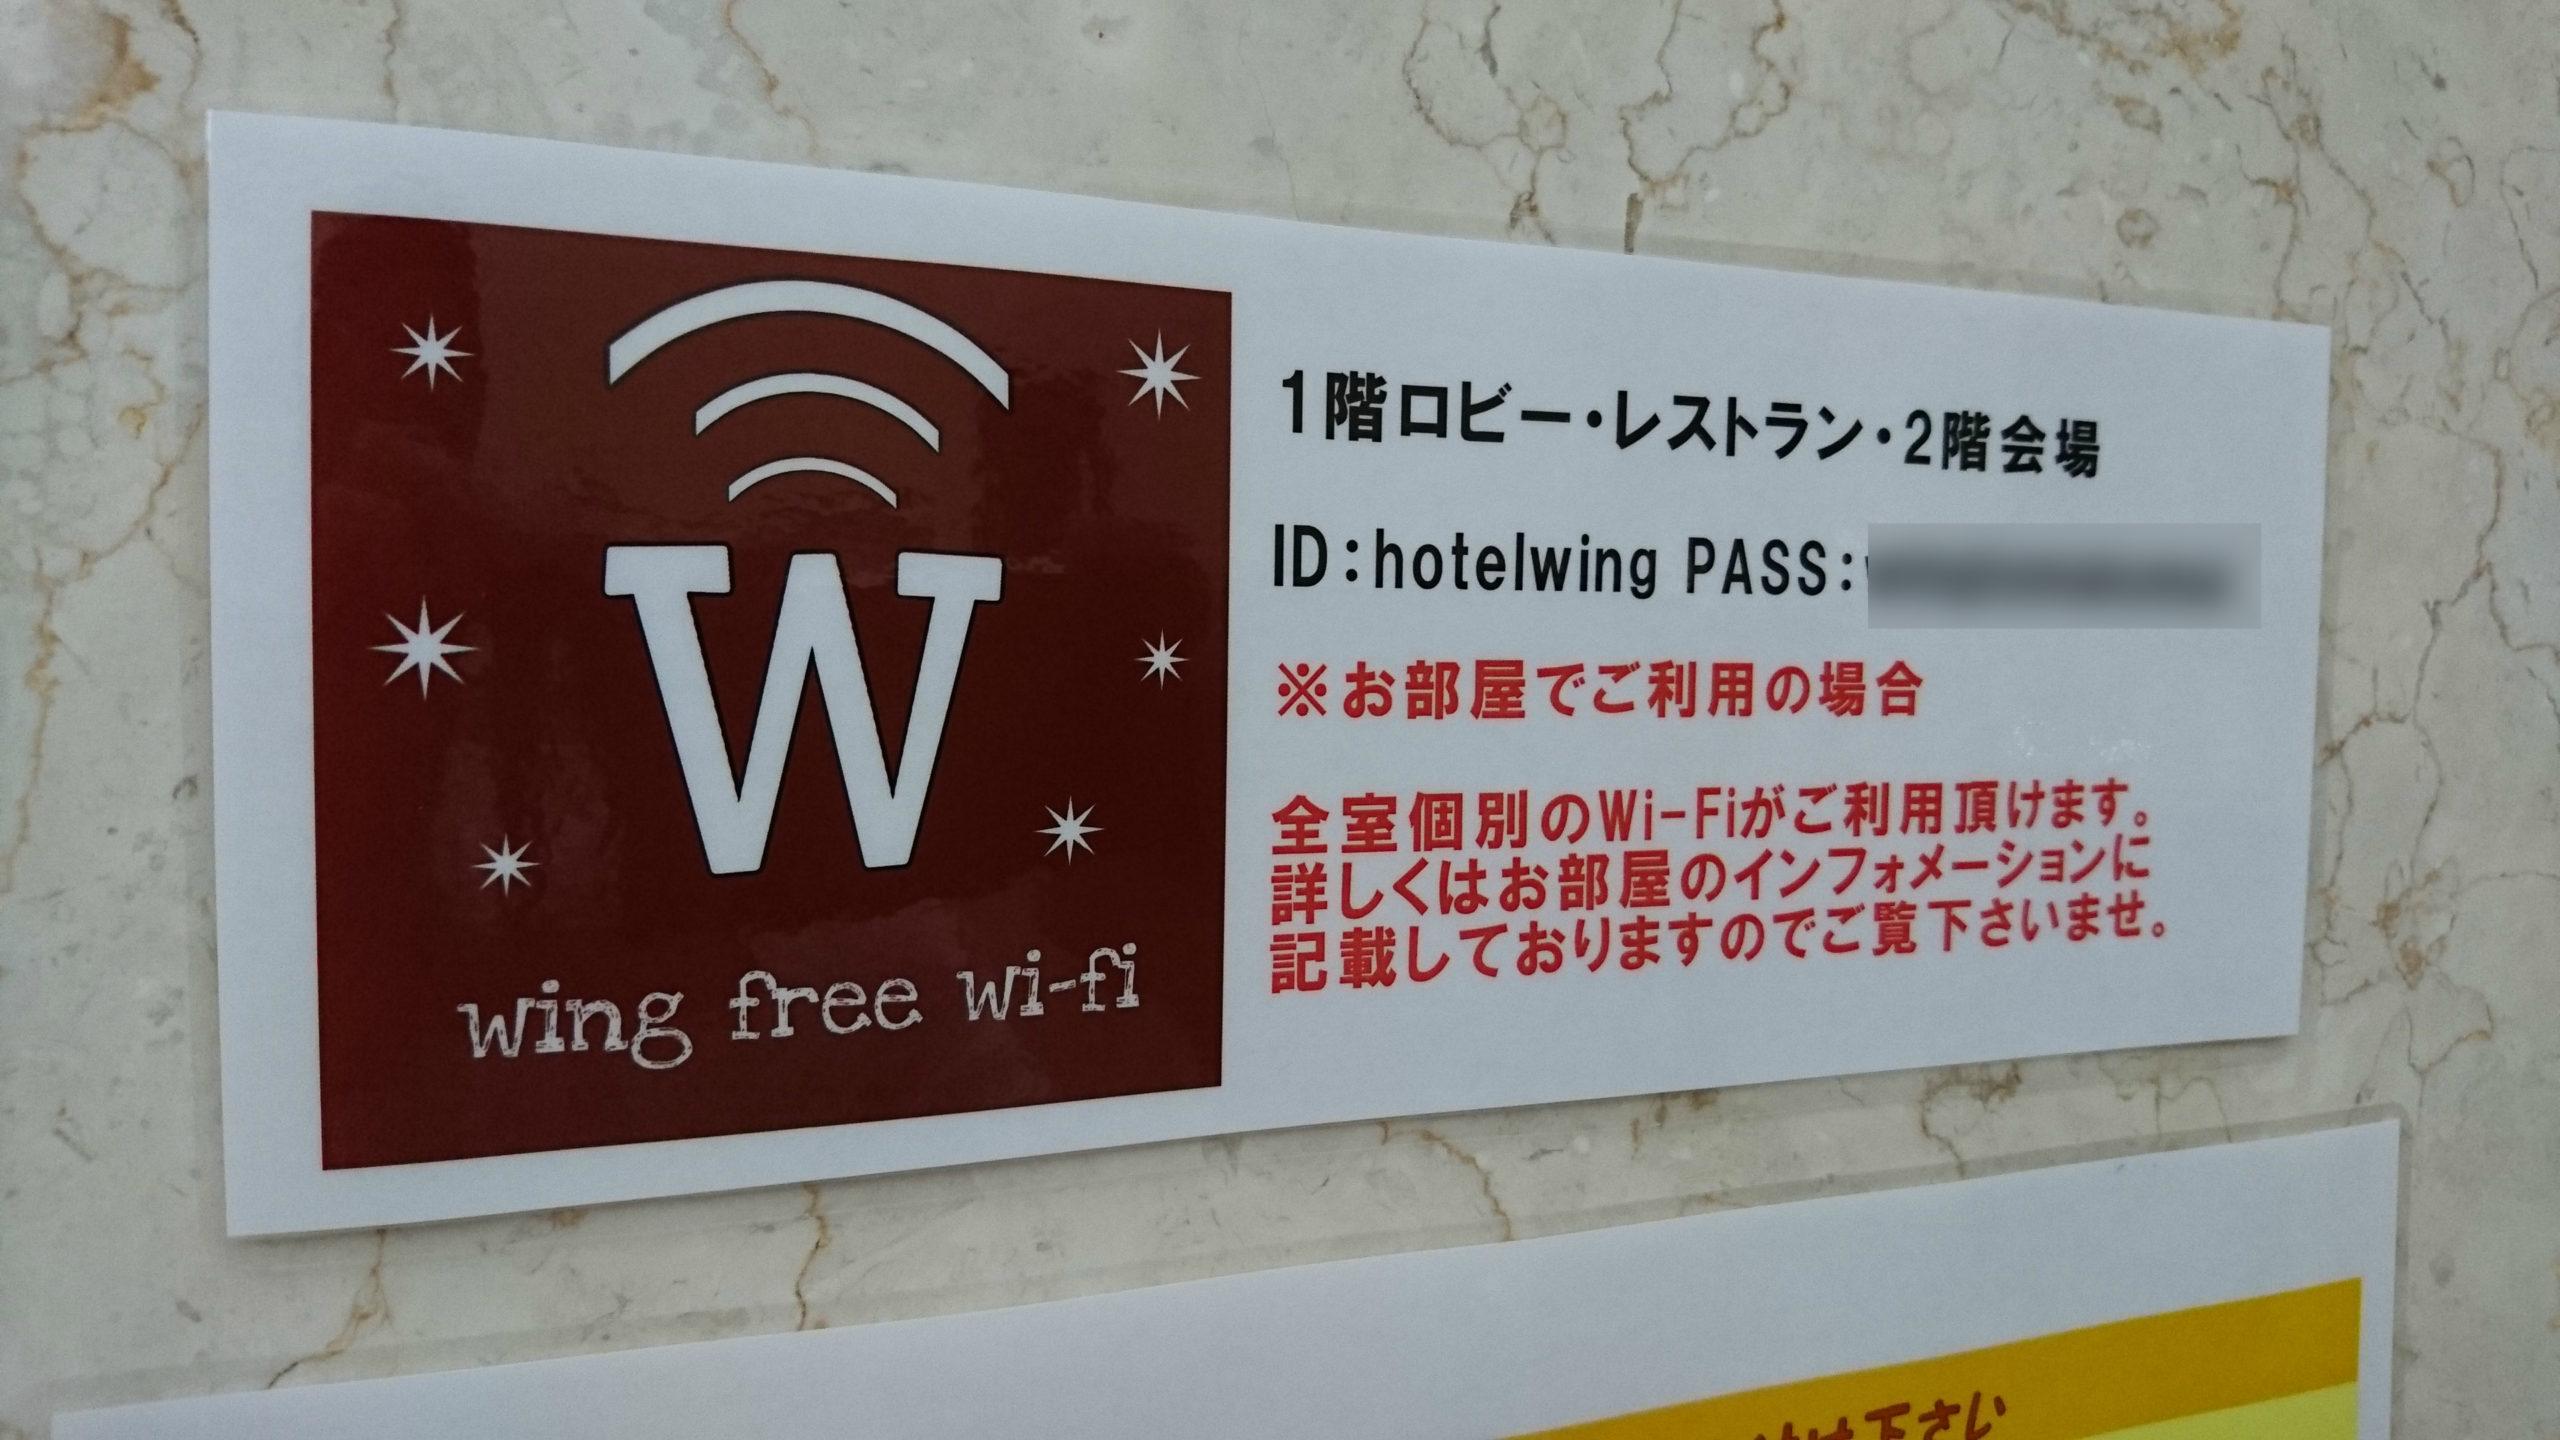 ホテルウィングインターナショナル苫小牧Wi-Fi